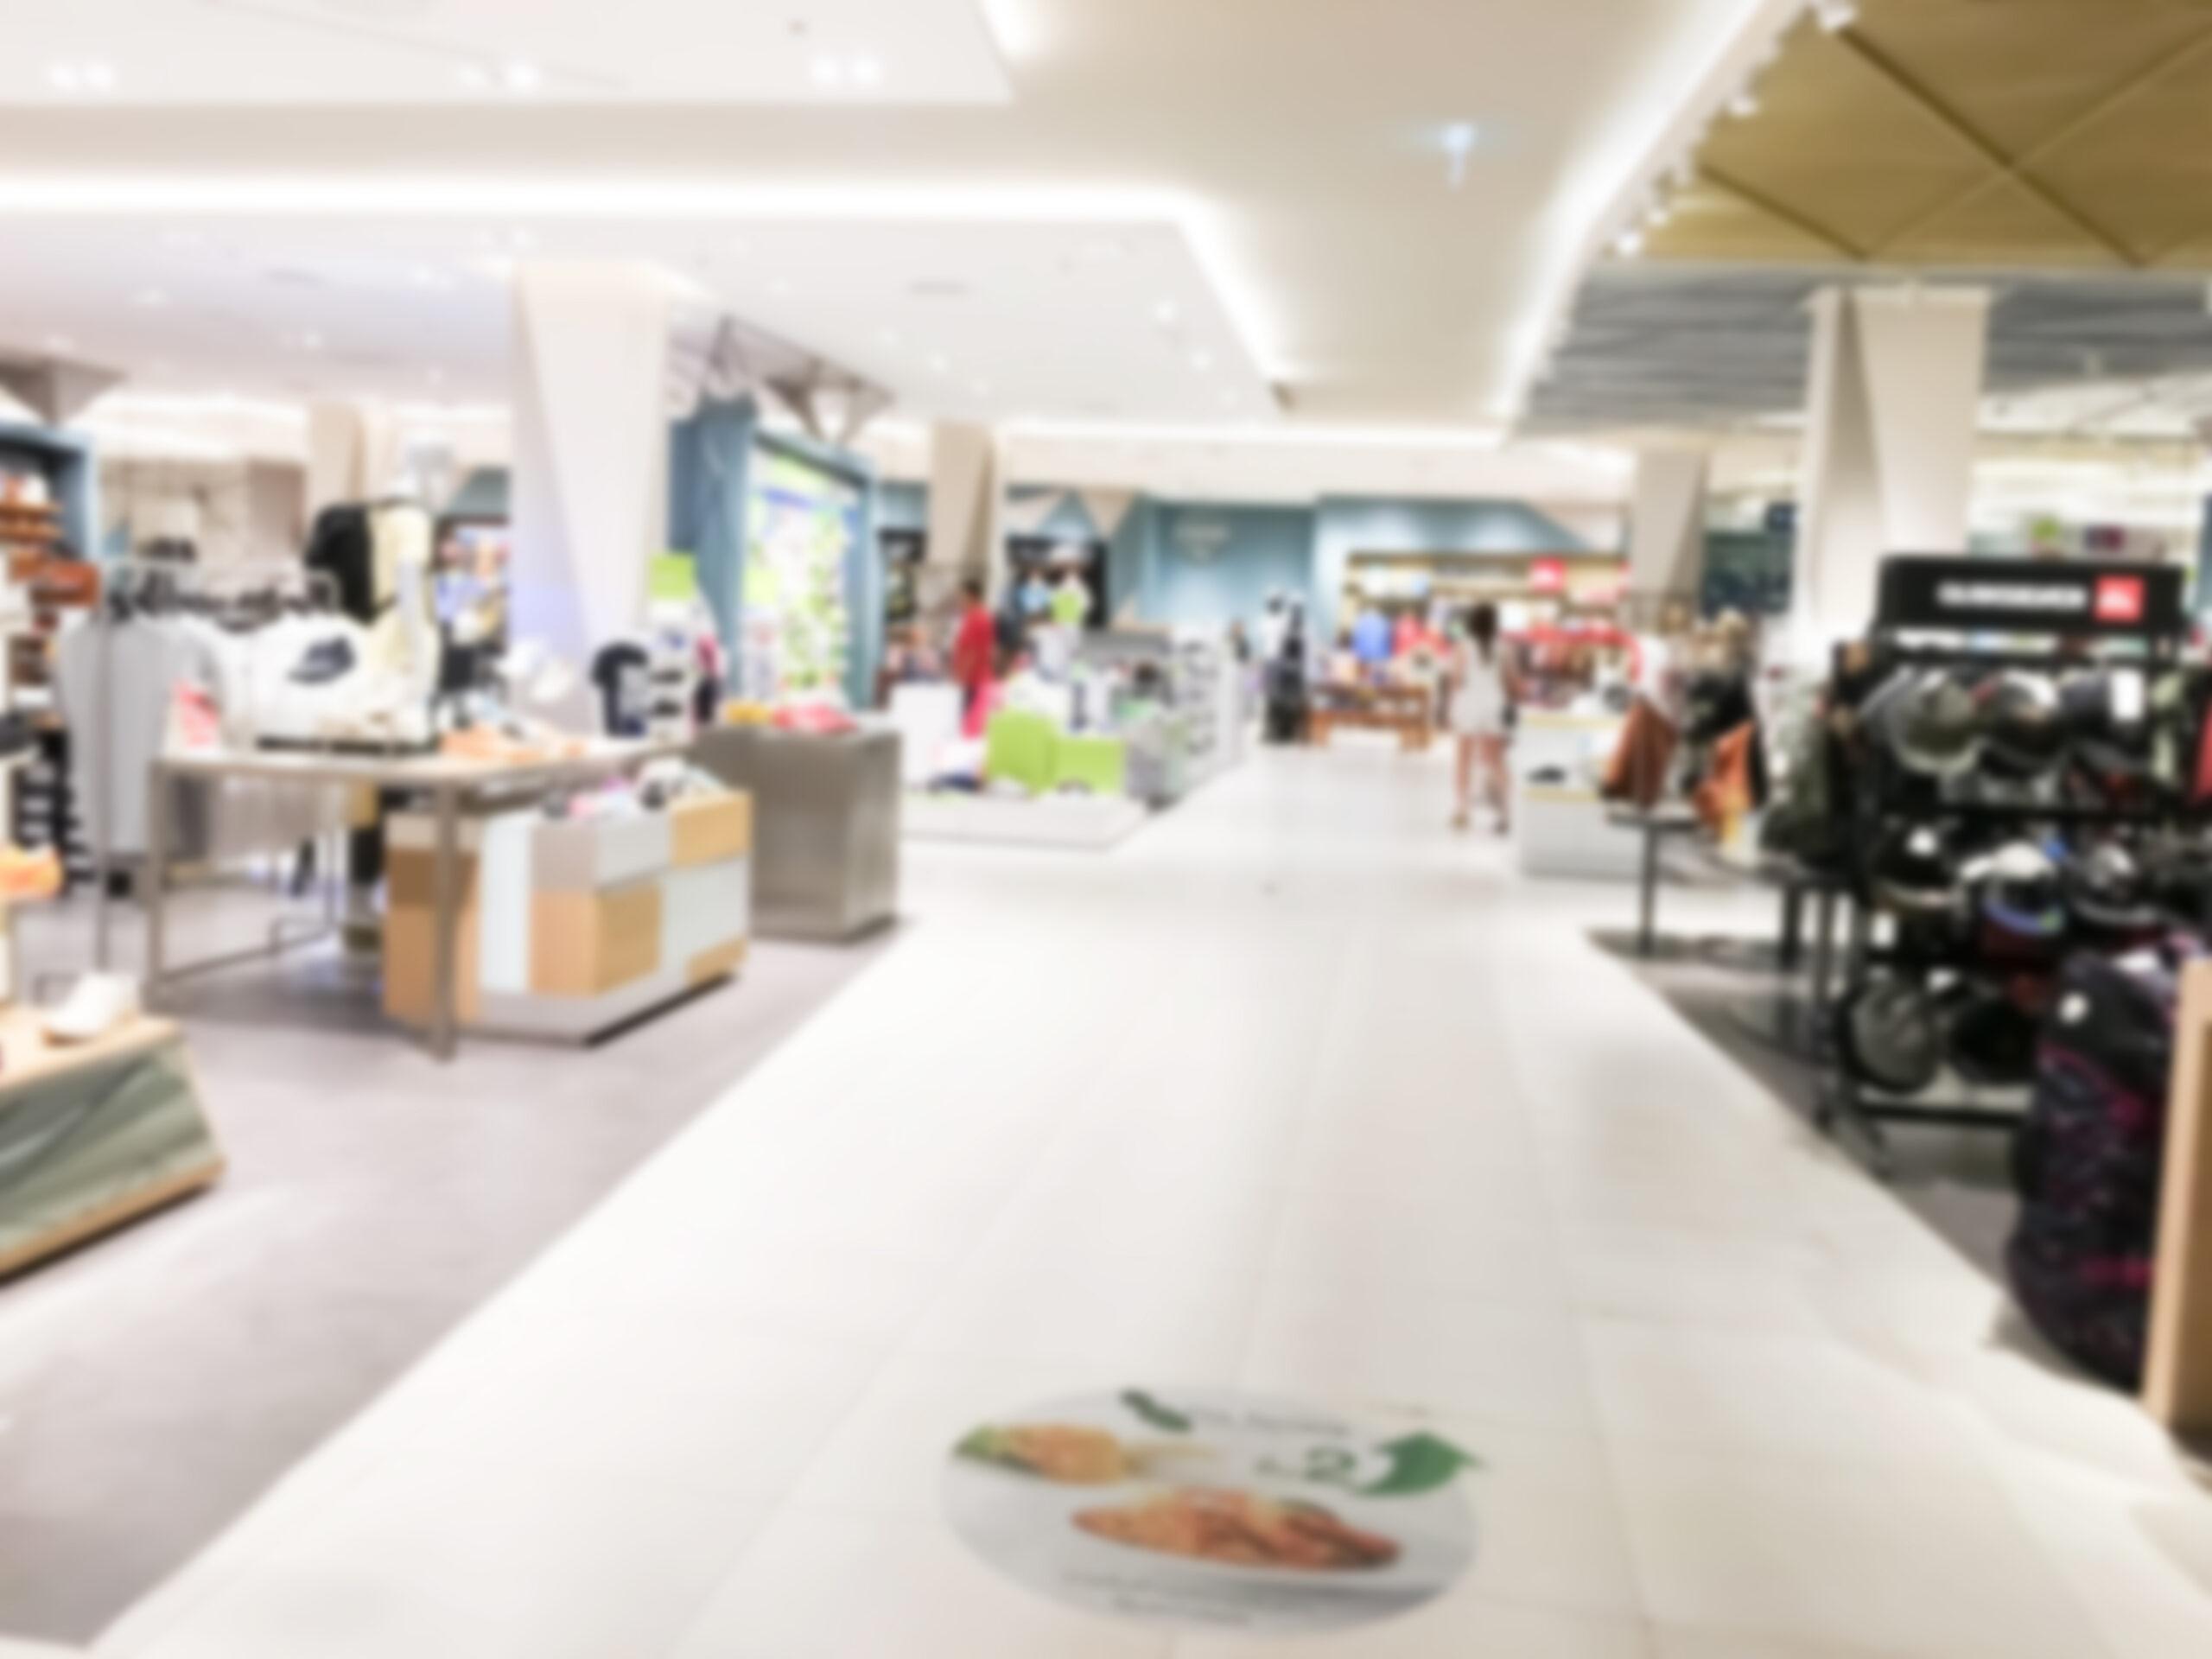 Vemos uma loja de departamento por dentro (imagem ilustrativa).